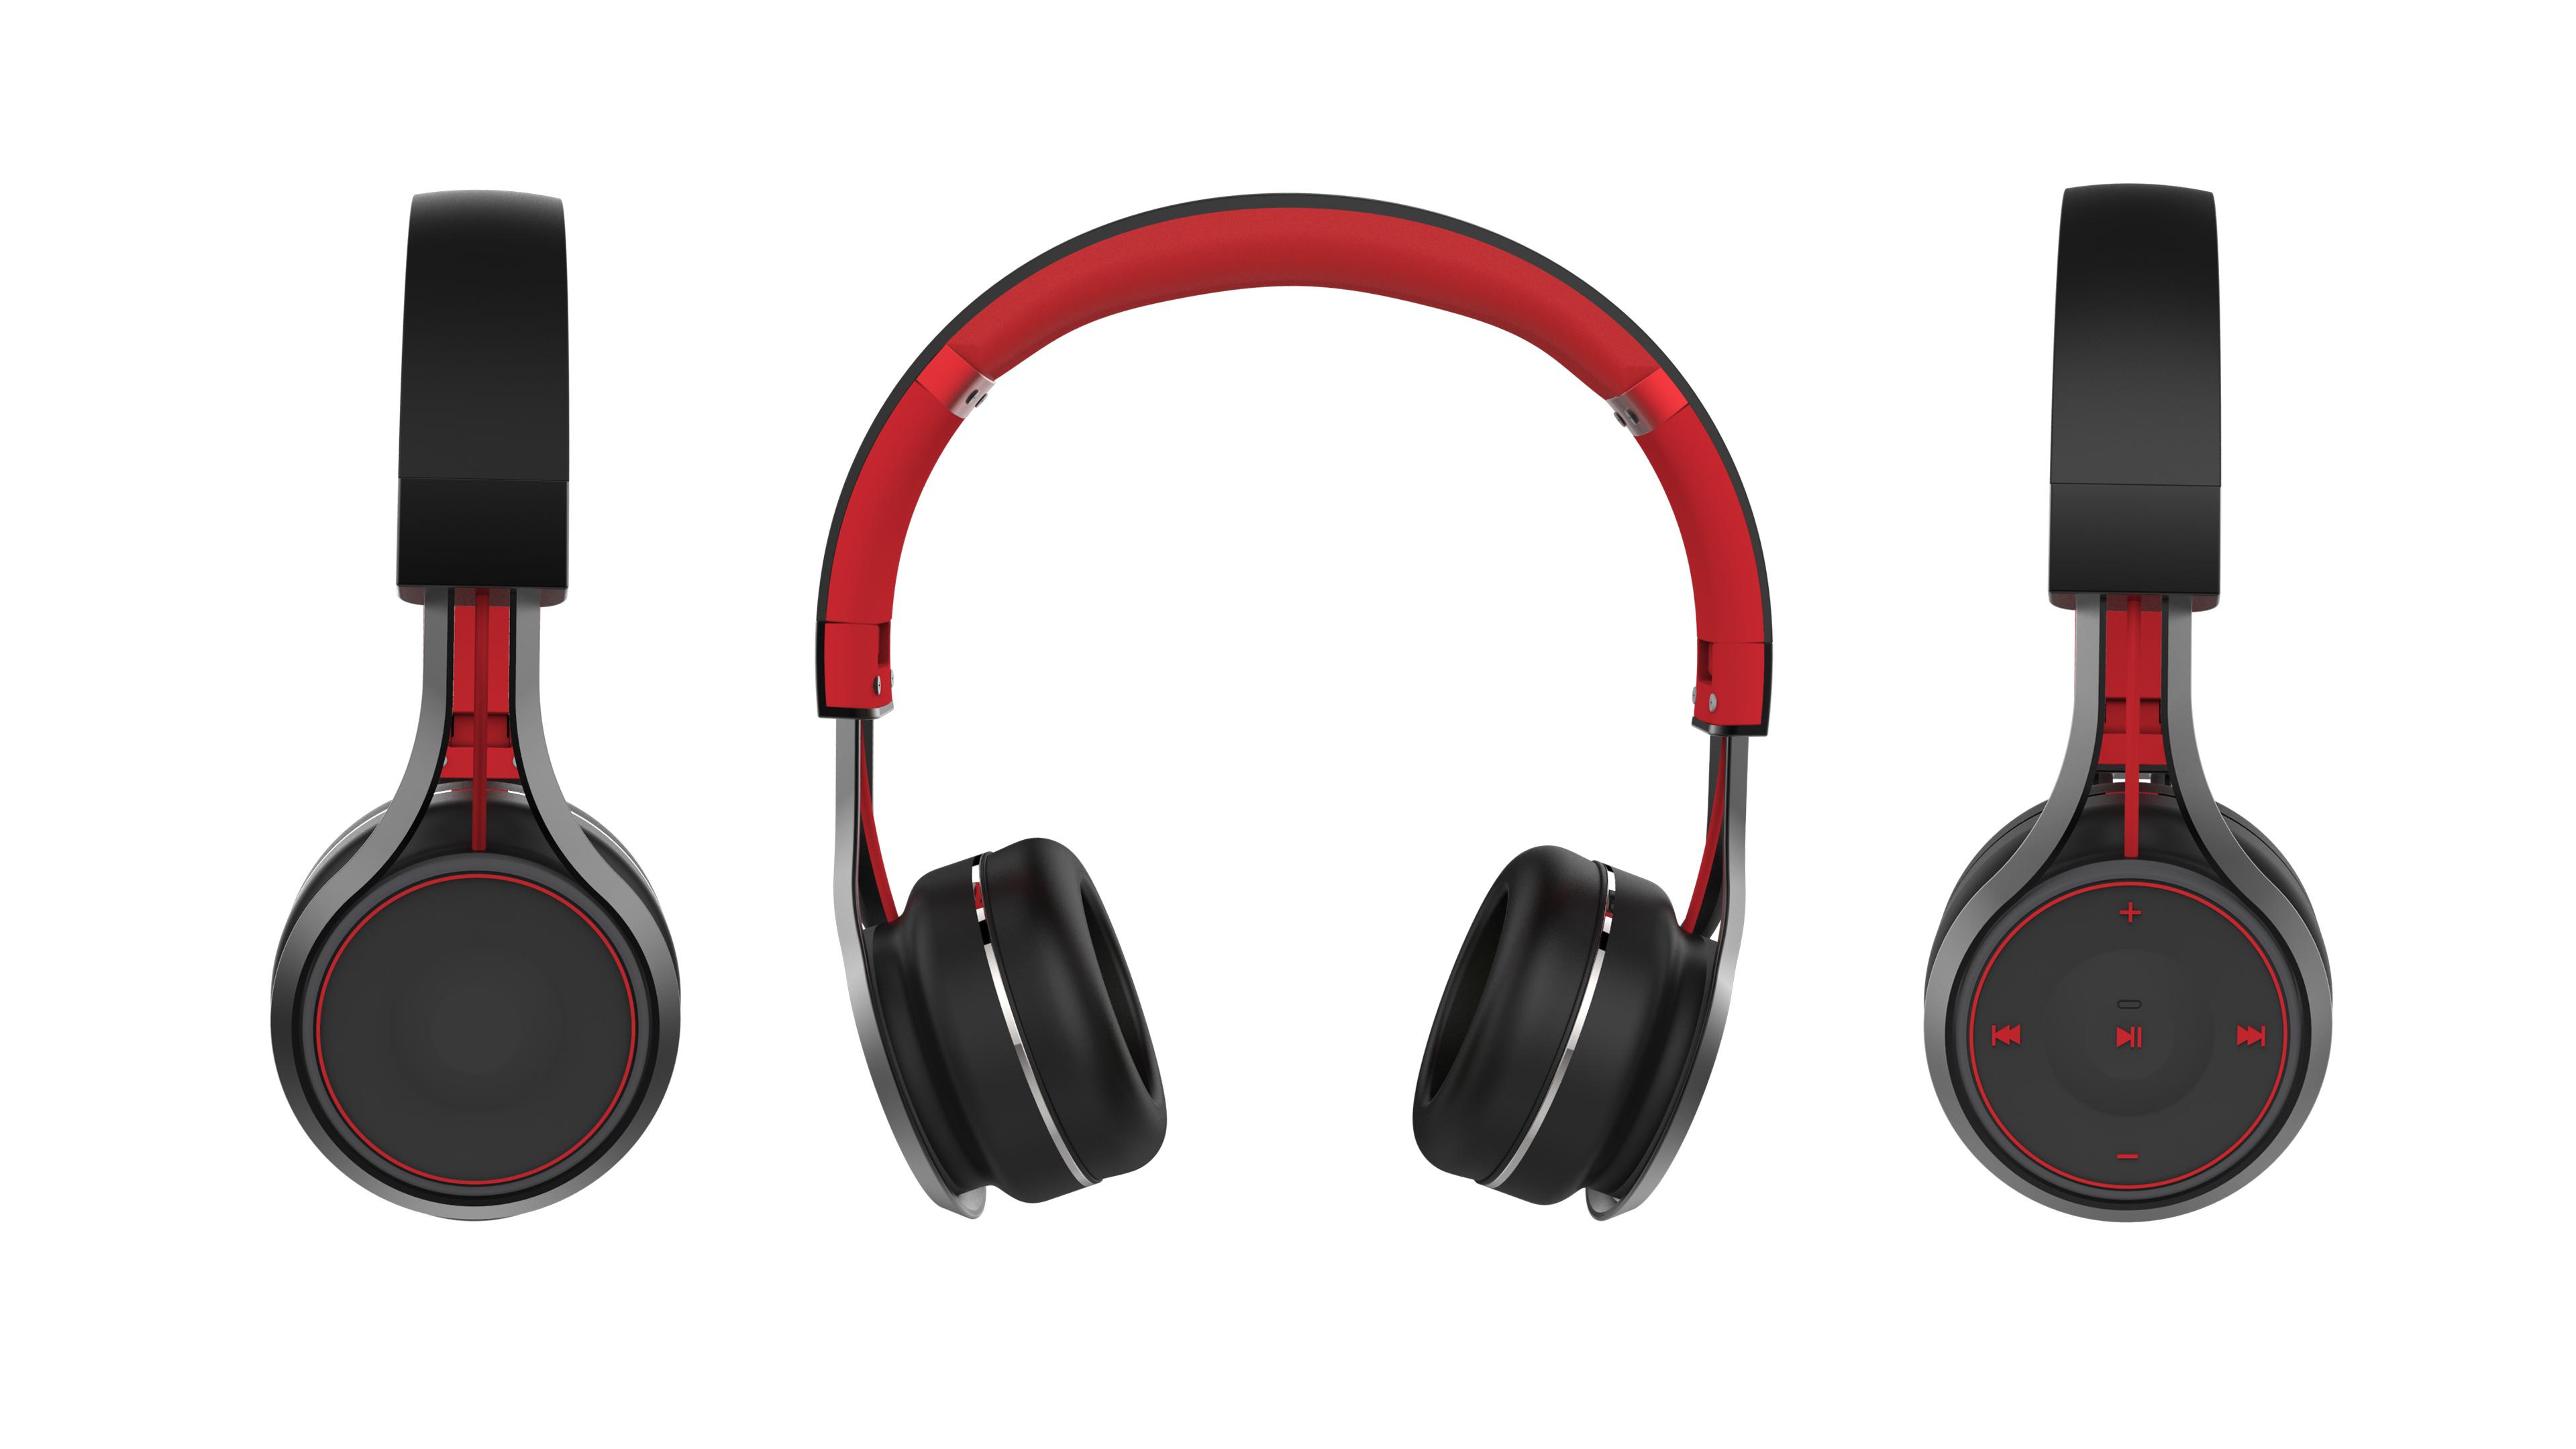 f6-mini Red+black